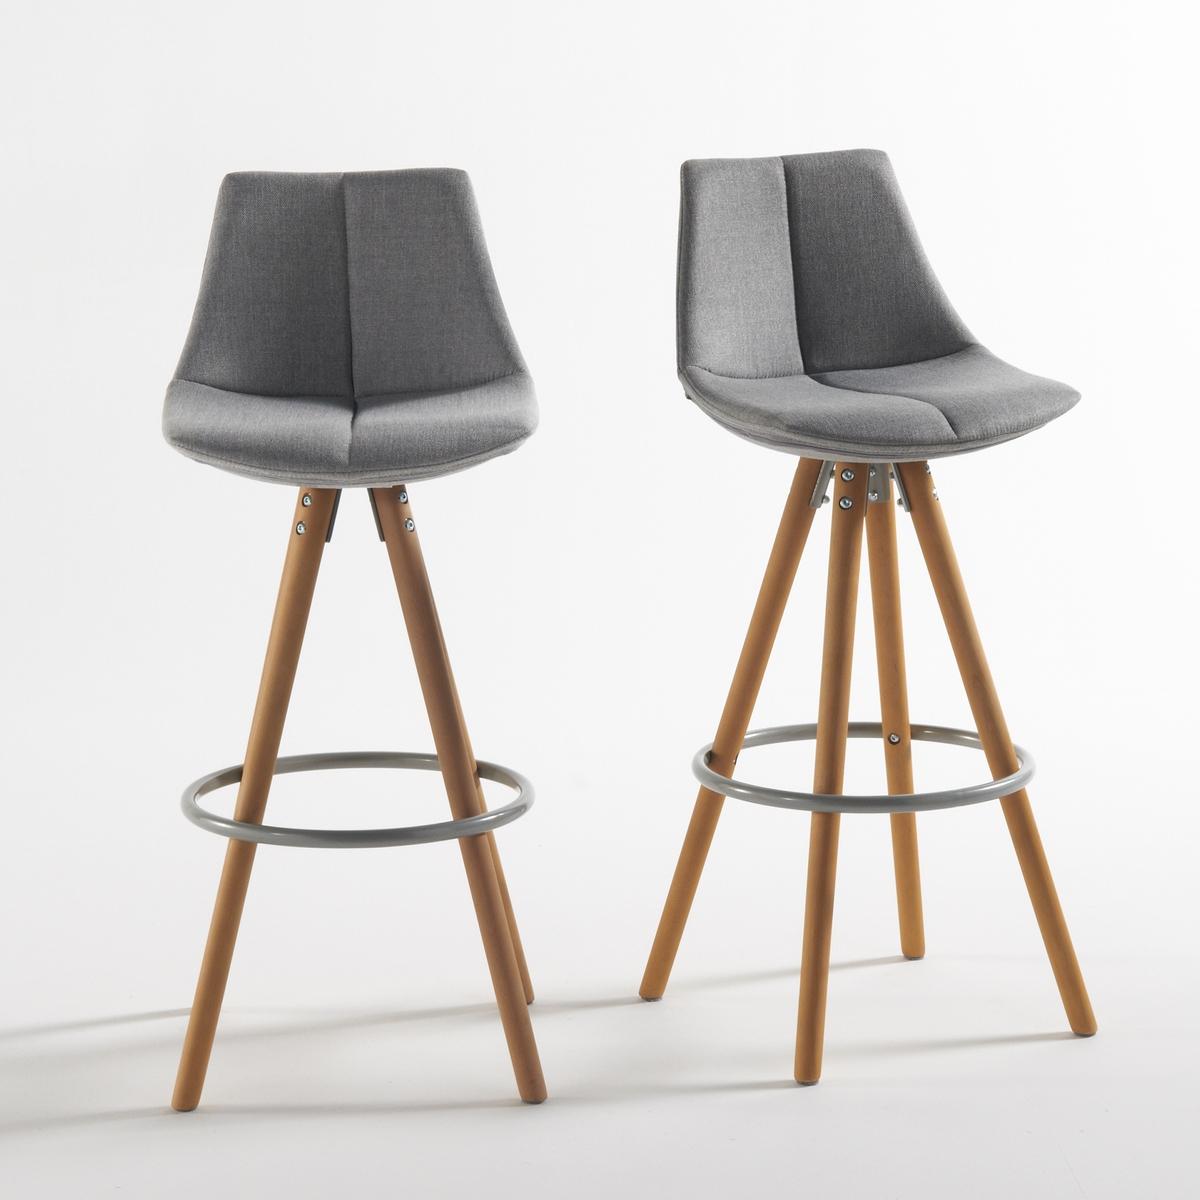 2 стула барных ASTING2 барных стула Asting. Барные стулья Asting  являются наследием скандинавского дизайна 70-х годов, красивые, комфортные и оригинальные !Характеристики барных стульев Asting : Сиденье и спинка : из полипропилена, наполнитель из пеноматериала 100% полиуретан, 24 кг/м? .Обивка: ткань, 100% полиэстер.Ножка : ножки из массива бука, покрытие нитролаком - опоры для ног из стальной трубы, покрытие эпоксидным лаком.Для оптимального качества и устойчивости рекомендуется надежно затянуть болты. Размеры барного стула Asting : Ширина : 42 см. Глубина : 42 см.Высота : 99 смВысота сидения : 75 смРазмеры и вес упаковки:1 коробкаВес : 14 кг76 x 54 x 33 смДоставка : Барные стулья Asting доставляются в разобранном виде.  Возможна доставка до квартиры по предварительному согласованию!Внимание ! Убедитесь, что дверные, лестничные и лифтовые проемы позволяют осуществить доставку коробки таких габаритов .<br><br>Цвет: серый<br>Размер: единый размер